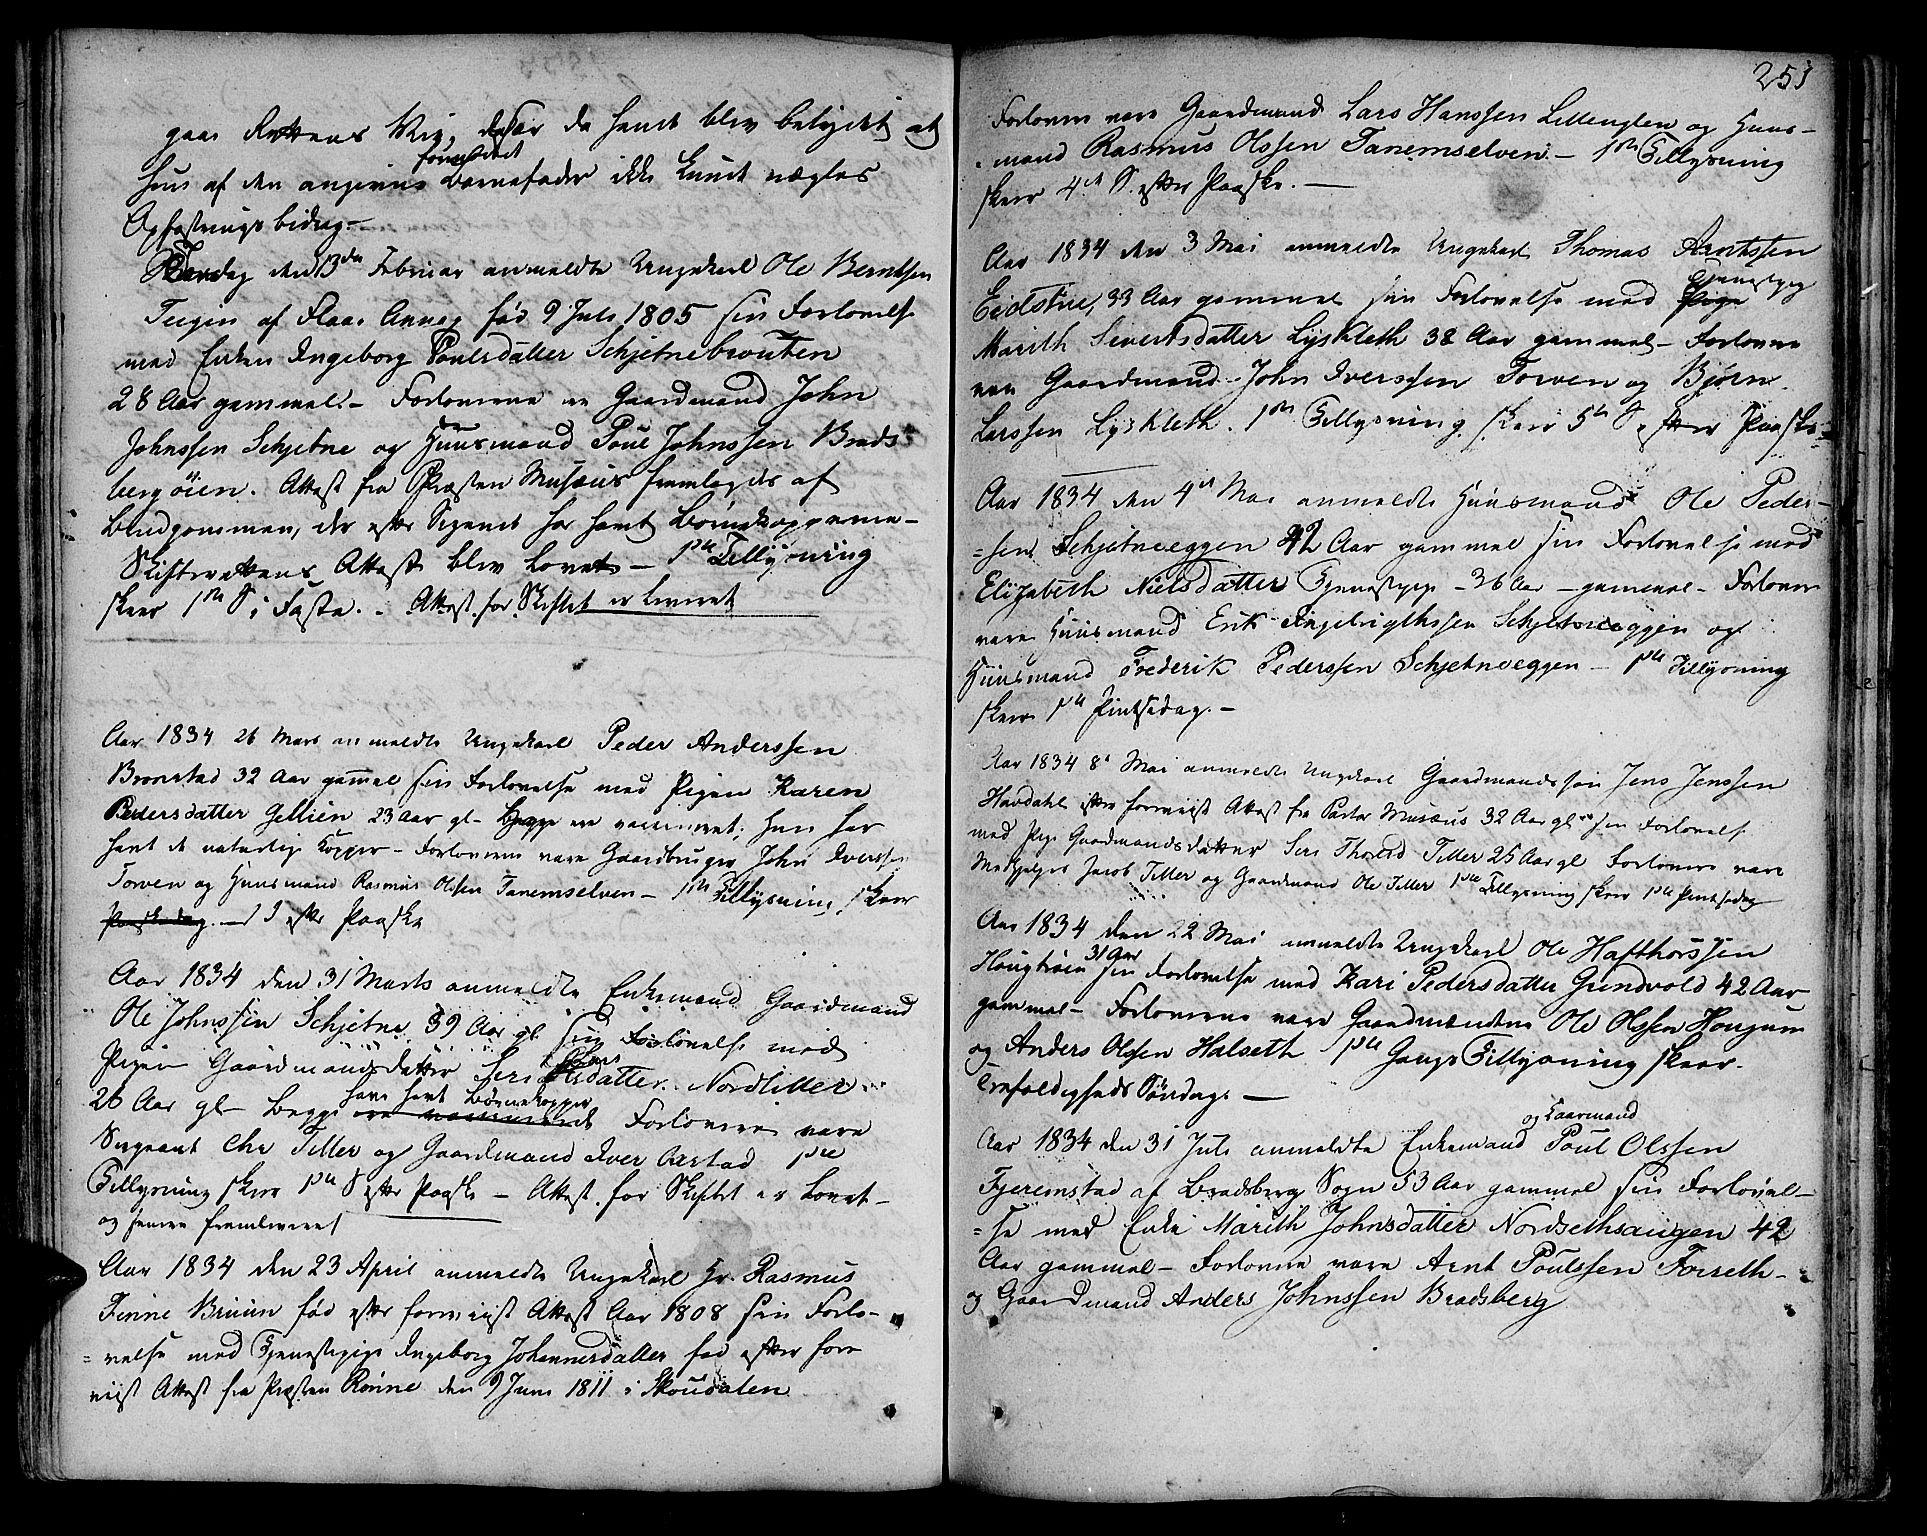 SAT, Ministerialprotokoller, klokkerbøker og fødselsregistre - Sør-Trøndelag, 618/L0438: Ministerialbok nr. 618A03, 1783-1815, s. 251